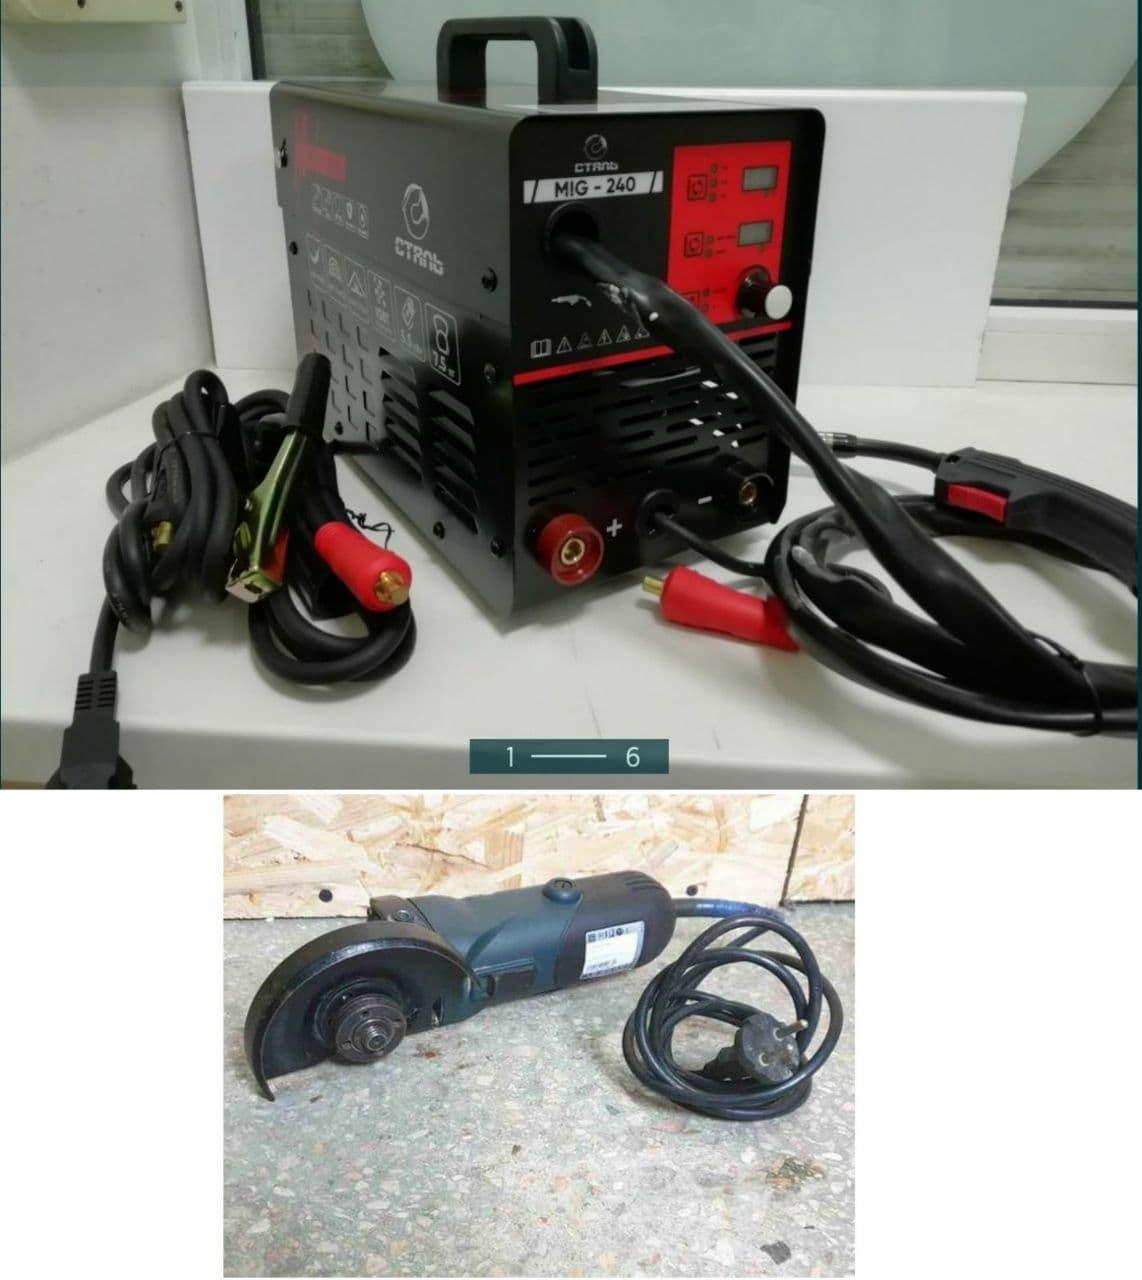 В Обухові пограбували гаражі з інструментом - майно, крадіжки, гараж - photo 2020 11 27 12 06 02